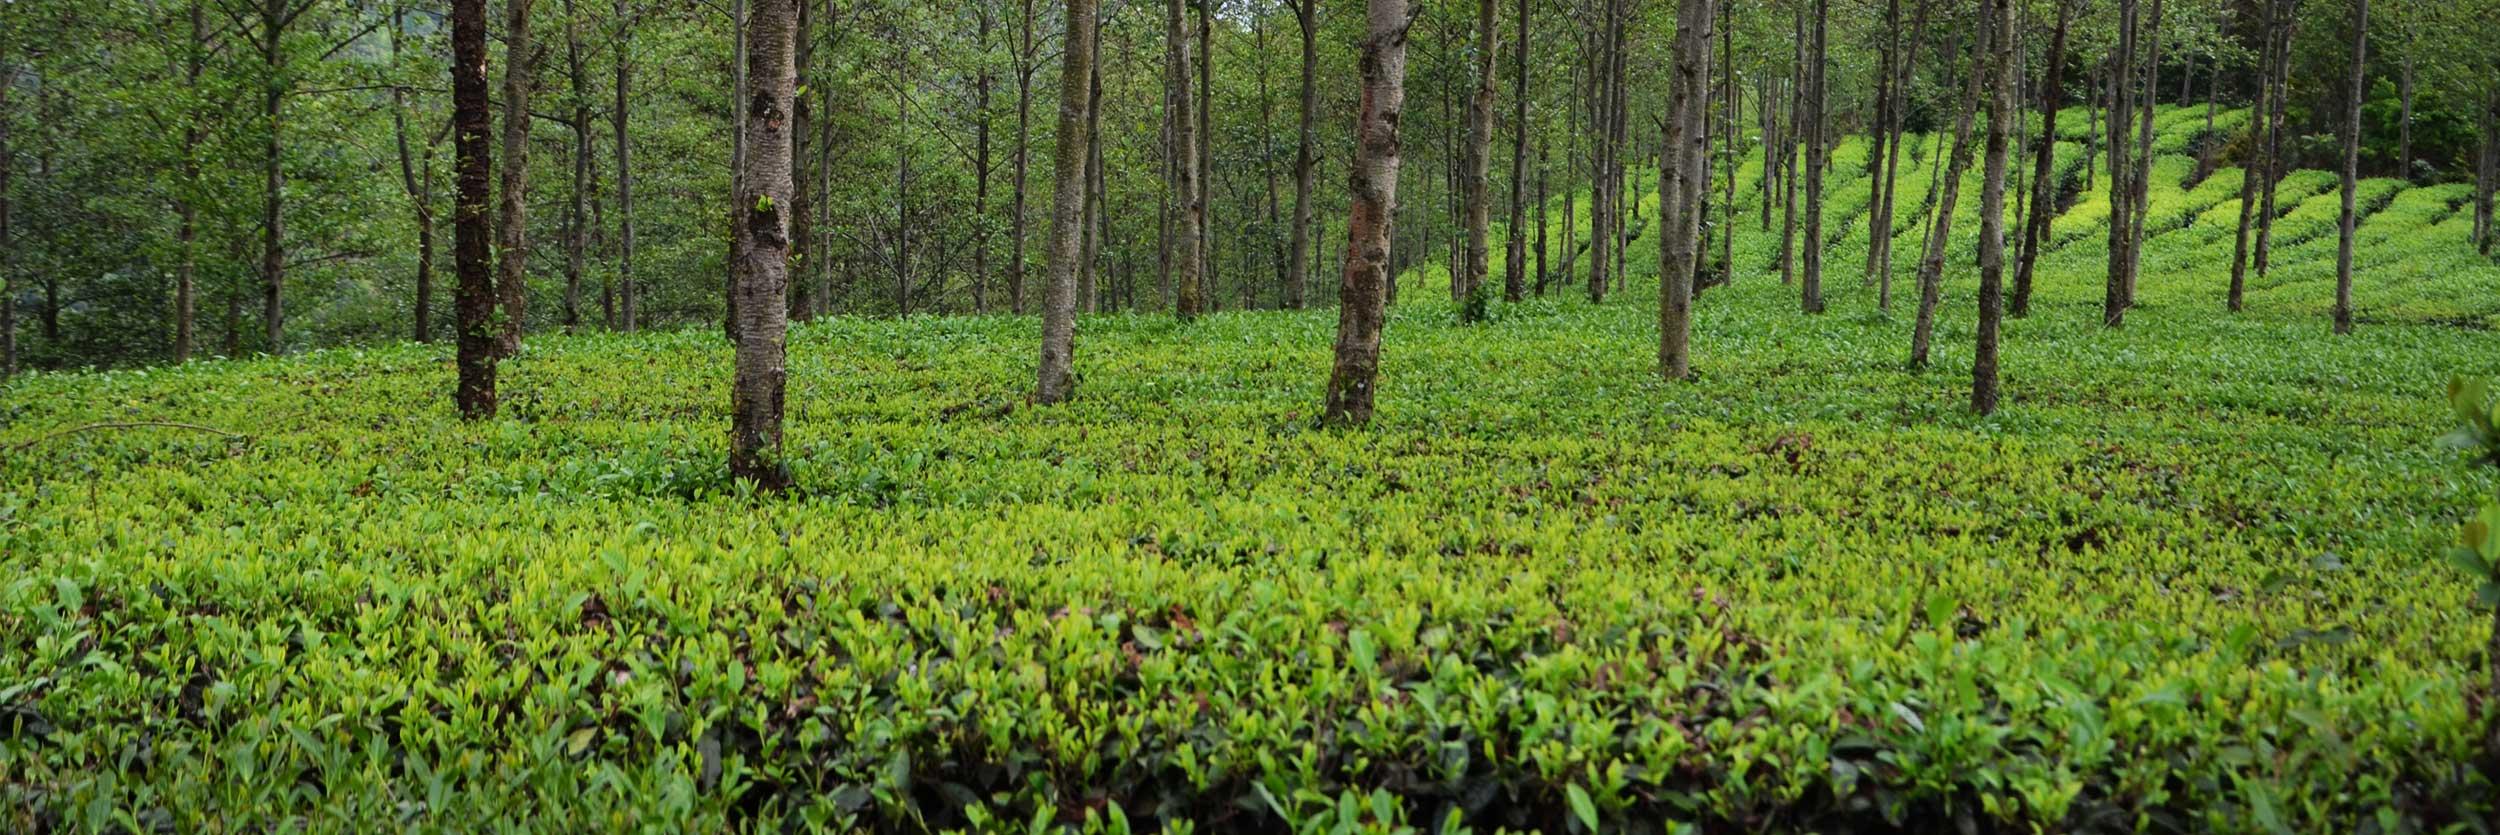 Wir von Teesign 77 beziehen unsere Tees direkt aus chinesischen wichtigen Teeanbauregionen: Yunnan, Fujian, Guangxi, Zhejiang, Taiwan.